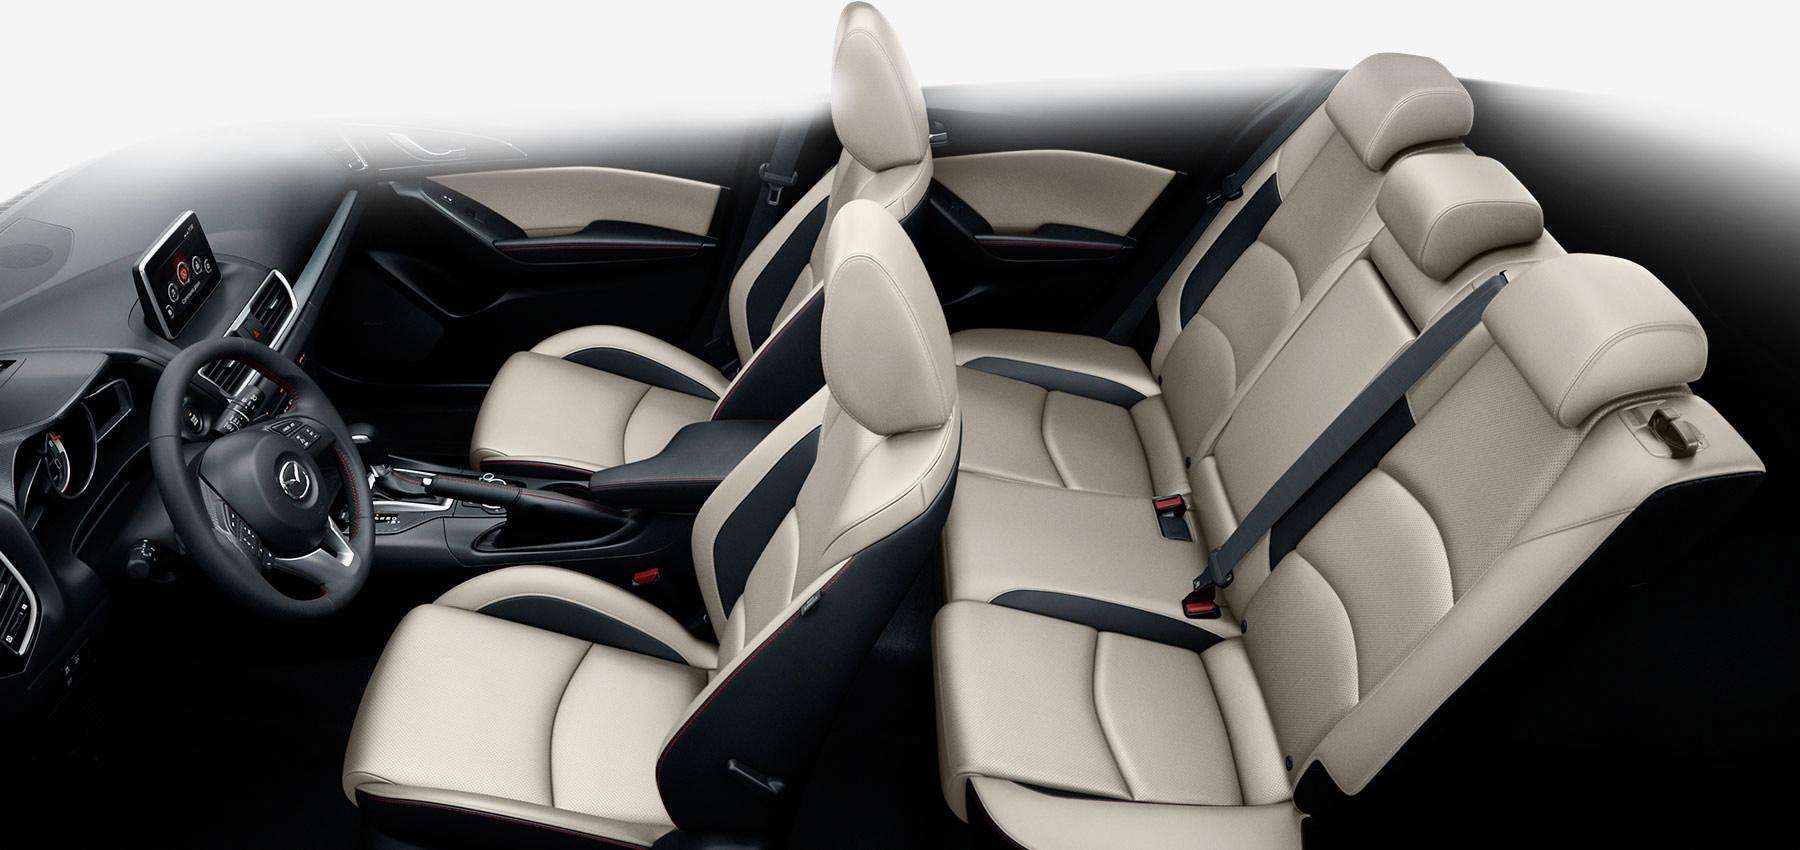 mazda 2 2018 auto compacto mazda m xico. Black Bedroom Furniture Sets. Home Design Ideas